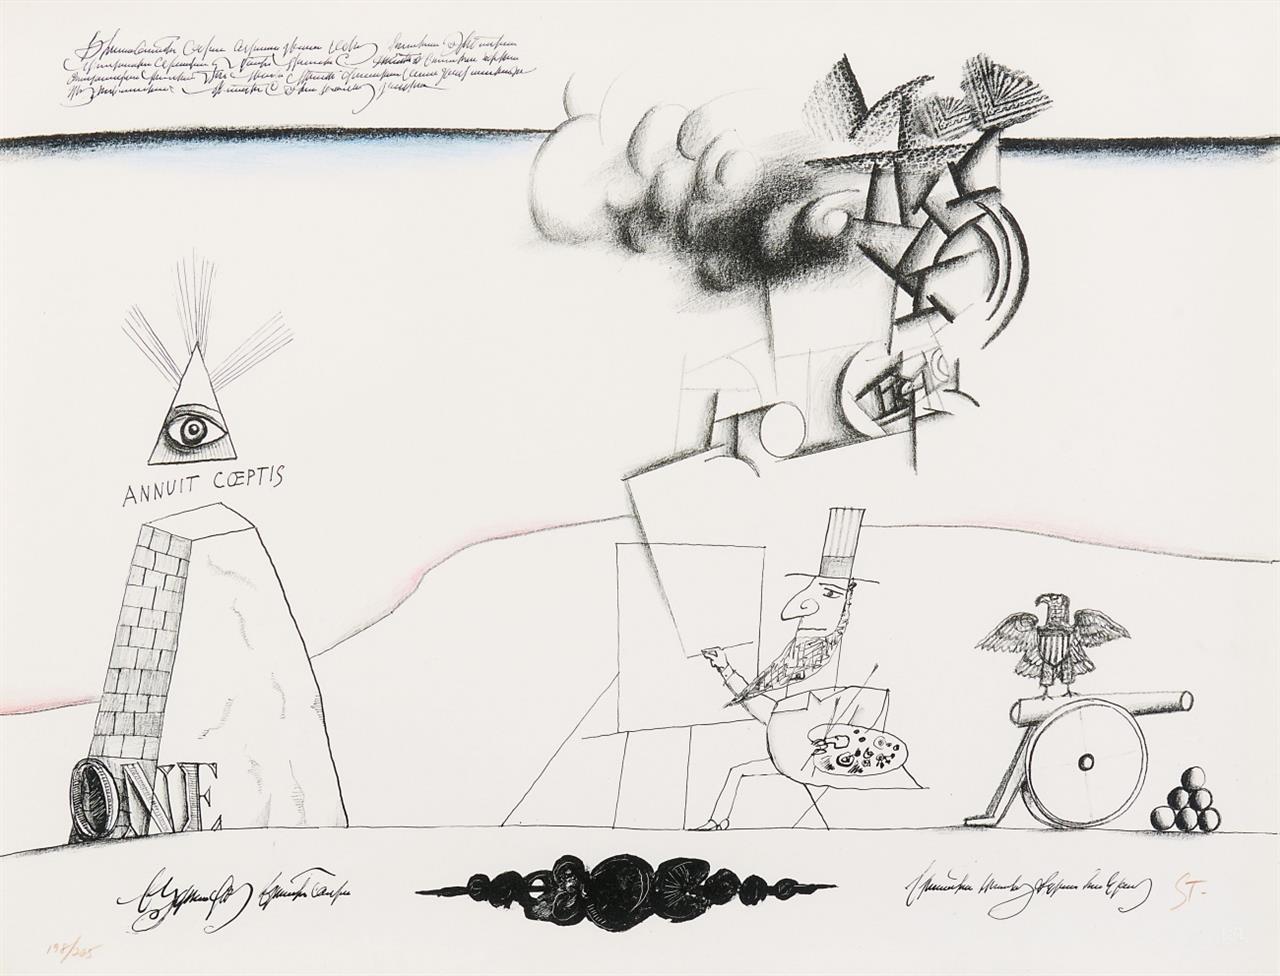 Saül Steinberg. Sam's Art (aus: New York International). 1966. Farblithographie. Monogrammiert. Ex. 198/225.